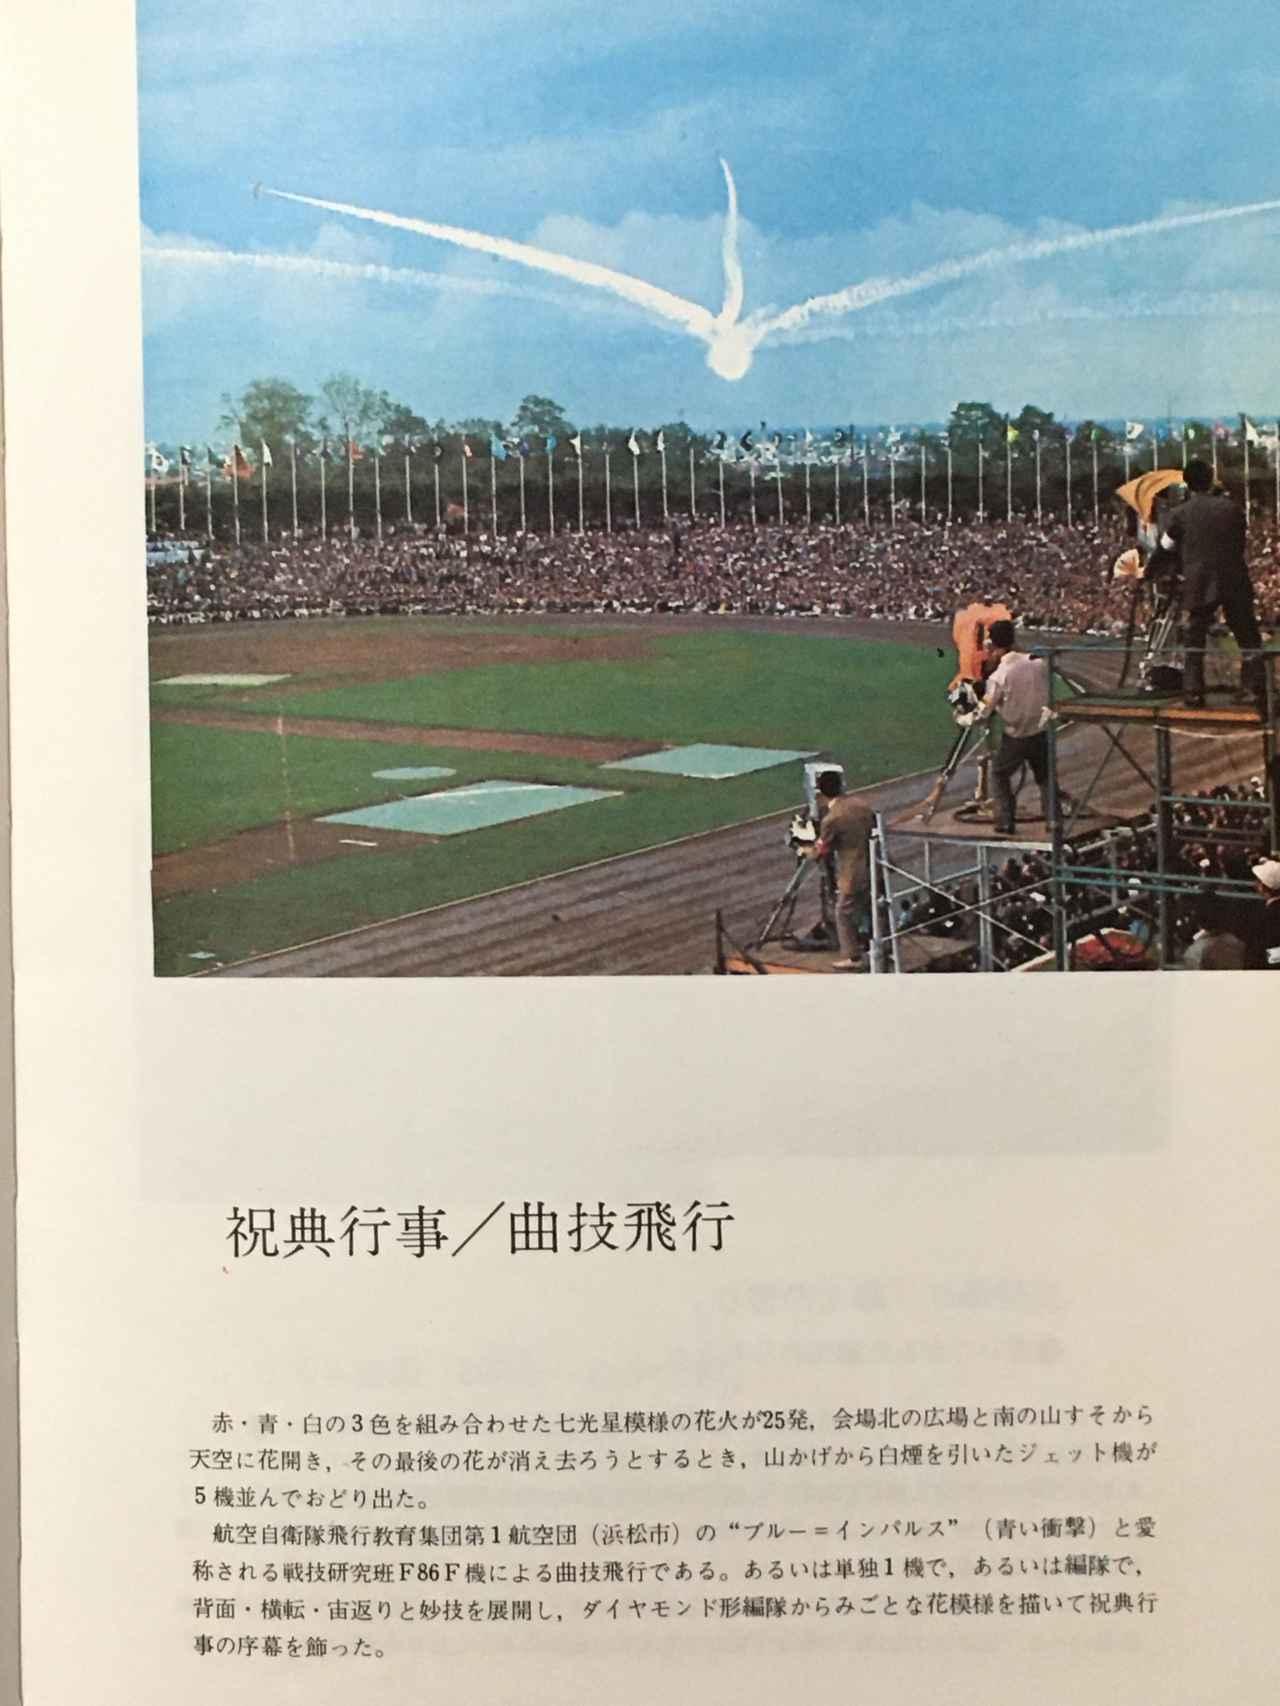 画像: 3台のテレビカメラの前を飛ぶブルー。北海道のテレビ3局(NHK、HBC、STV)はこの日の祝典中継からカラー放送を開始した。この祝典の重要度がわかる。